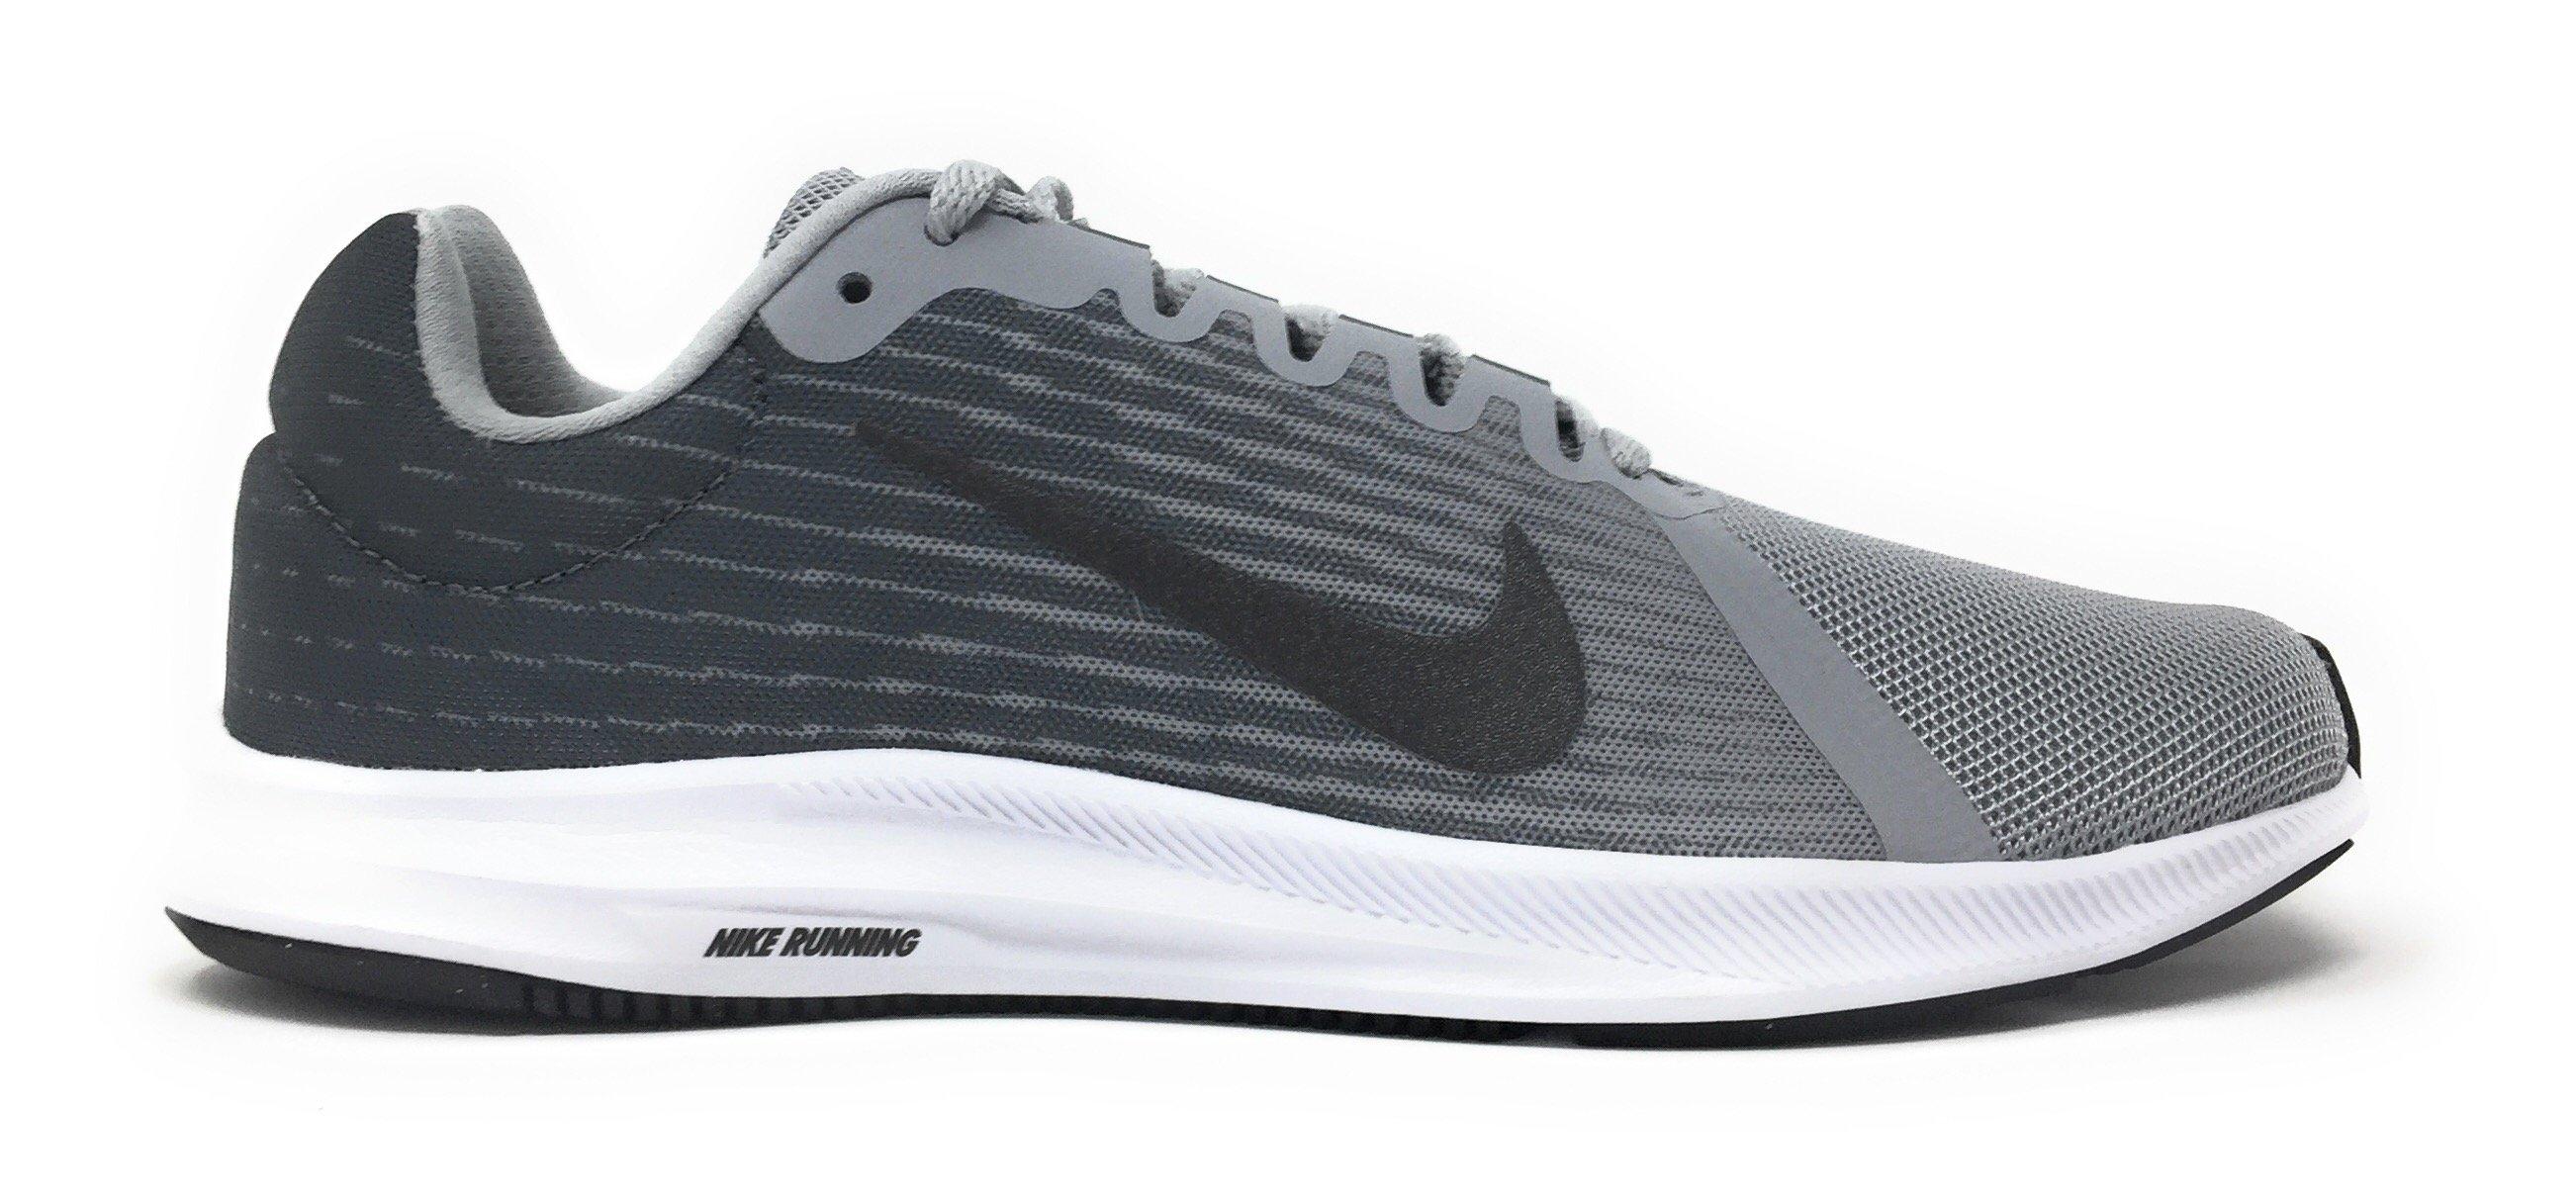 NUOVO NIKE DOWNSHIFTER 8 Scarpe Sportive Scarpe da Corsa Uomo Jogging Sneaker Scarpe da Ginnastica